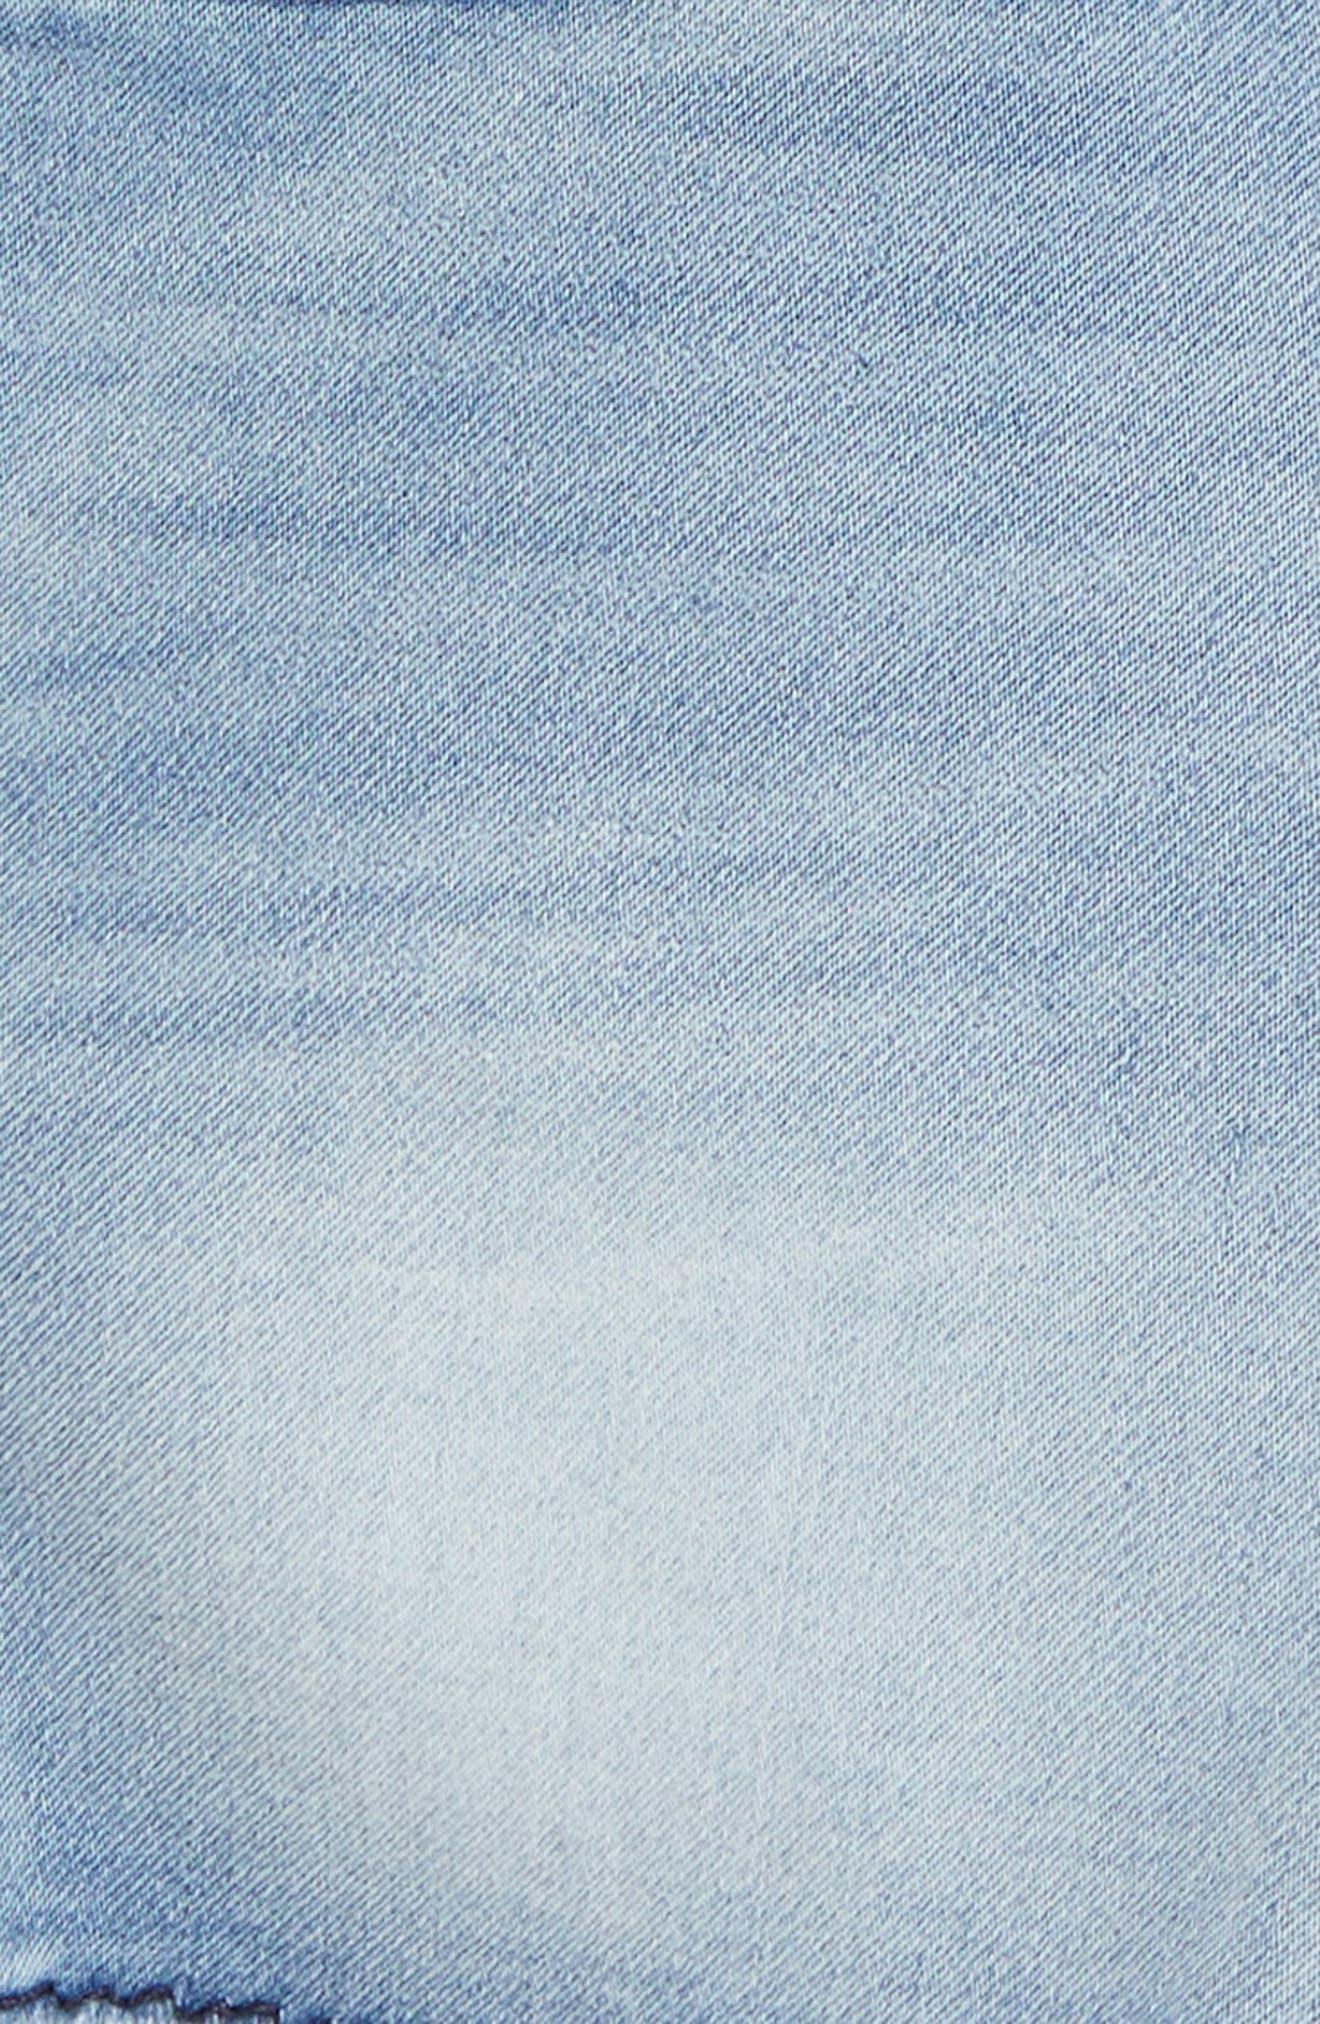 Alternate Image 3  - True Religion Geno Denim Shorts (Baby)